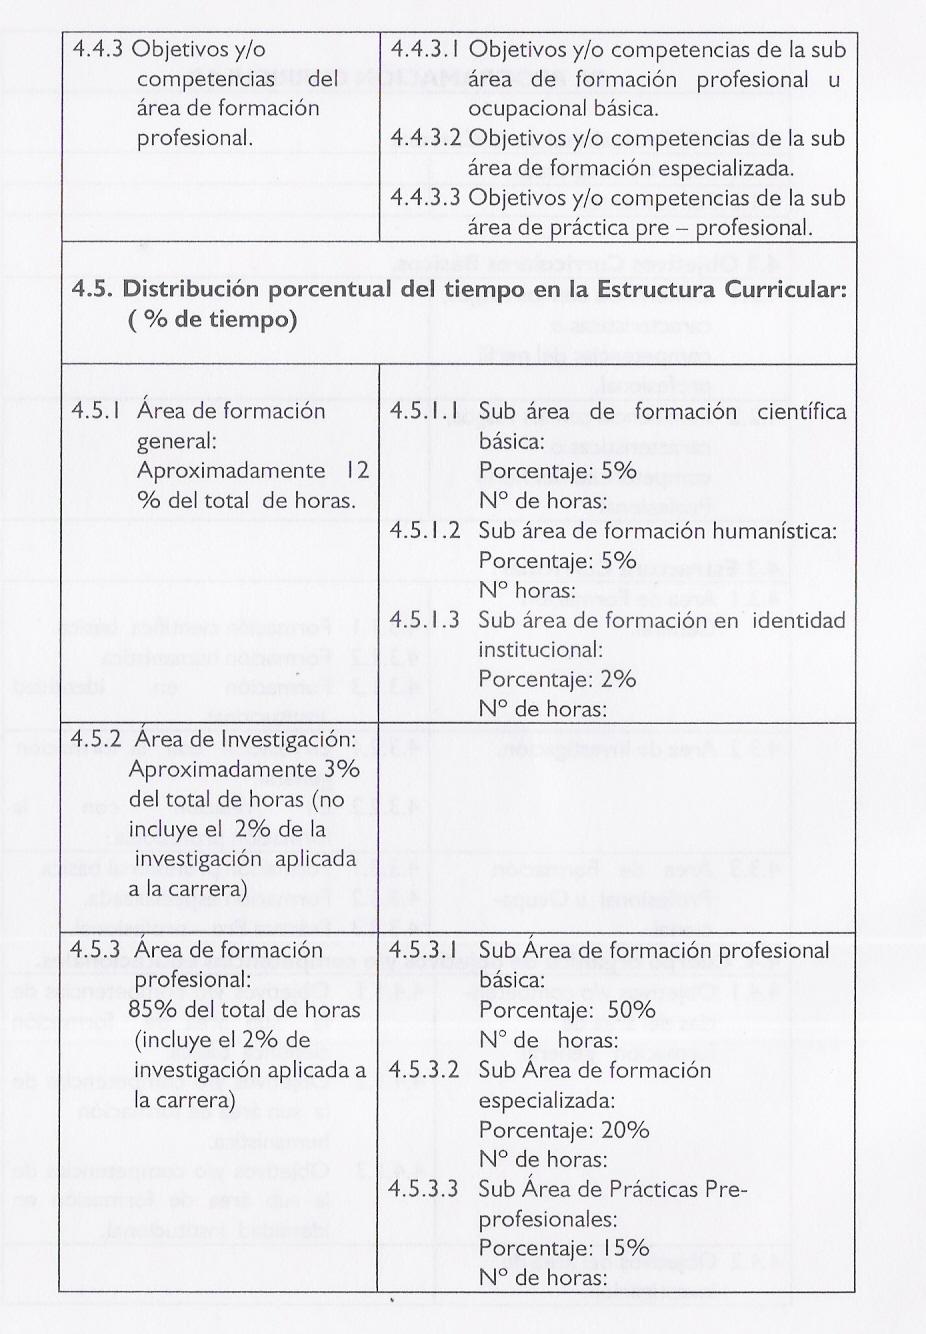 CONSTRUCCIÓN Y EVALUACIÓN DEL PLAN CURRICULAR ©: 6. CONSTRUCCIÓN ...